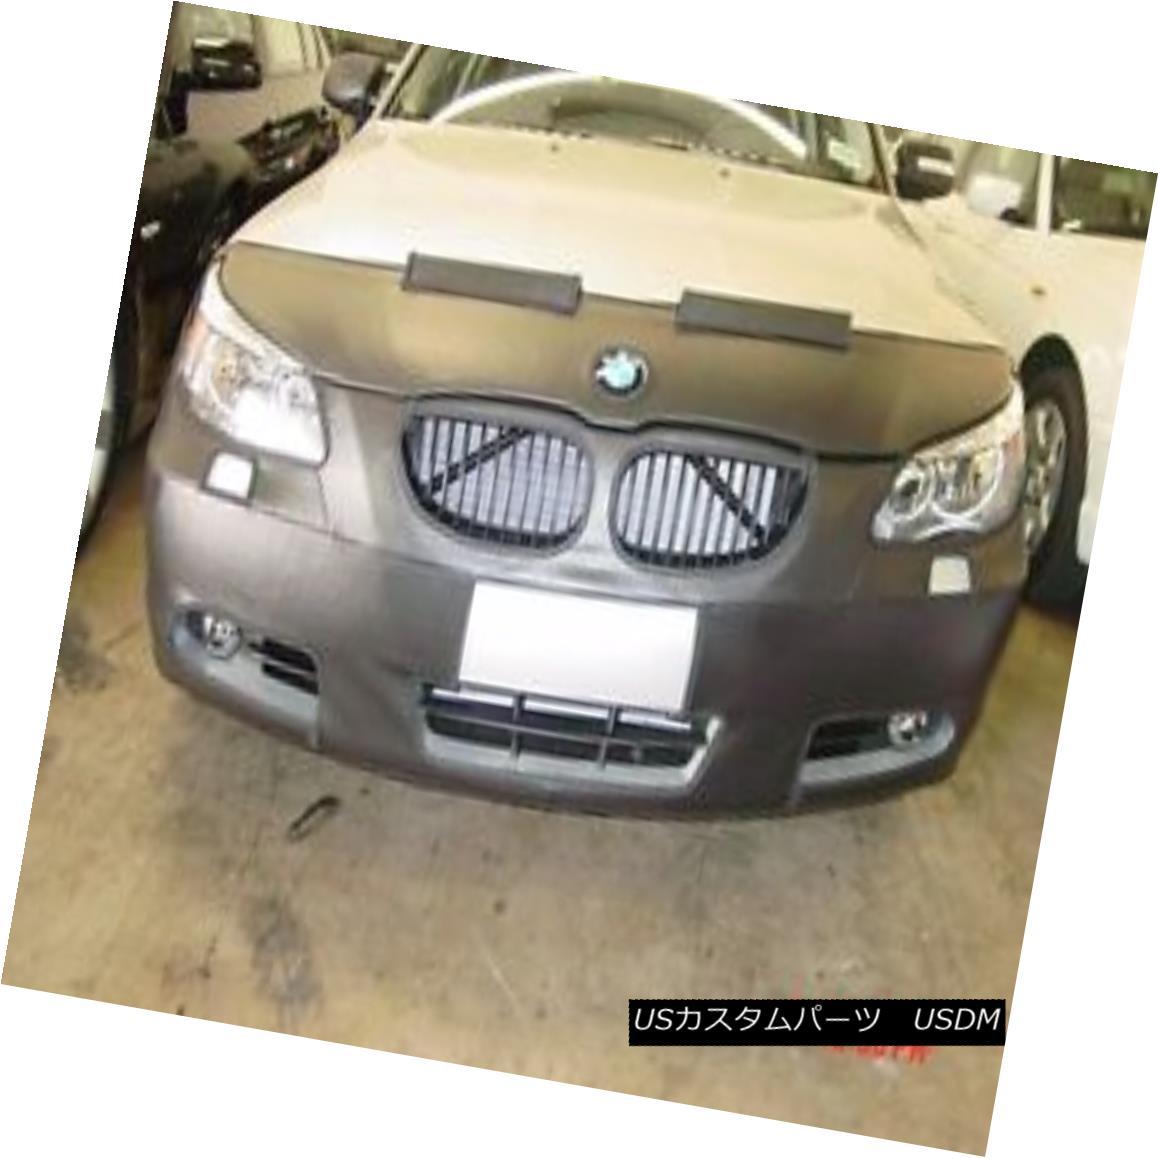 フルブラ ノーズブラ Colgan Front End Mask Bra 2pc.Fits BMW 525i 530i 545i 550i 01-03 W/O TAG W/ws  コルガンフロントエンドマスクブラ2pc.フィットBMW 525i 530i 545i 550i 01-03 W / O TAG W / ws